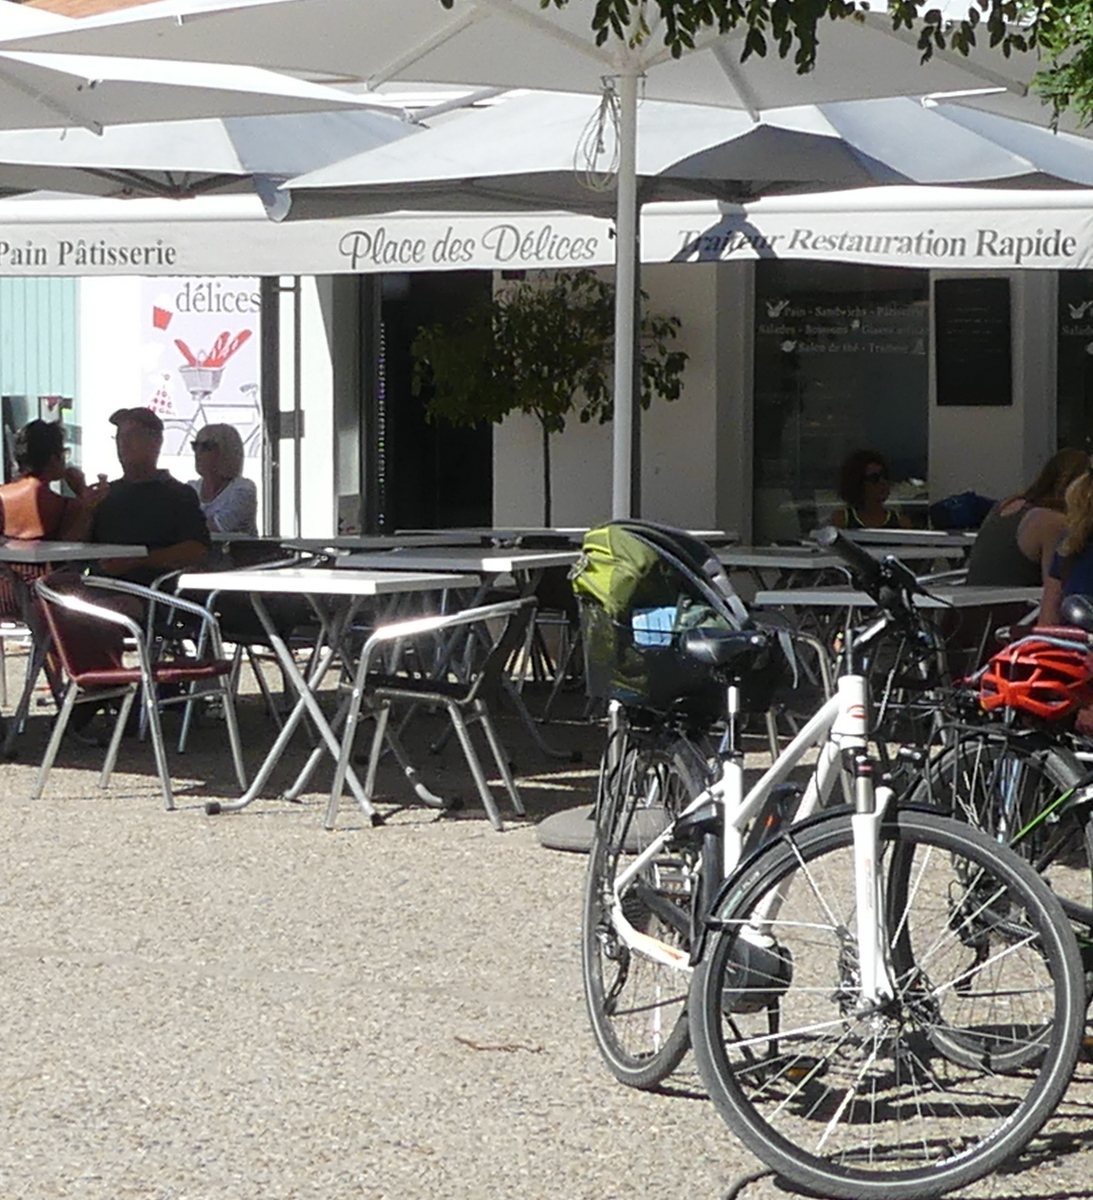 Loix - Boulangerie - 4 septembre 2019